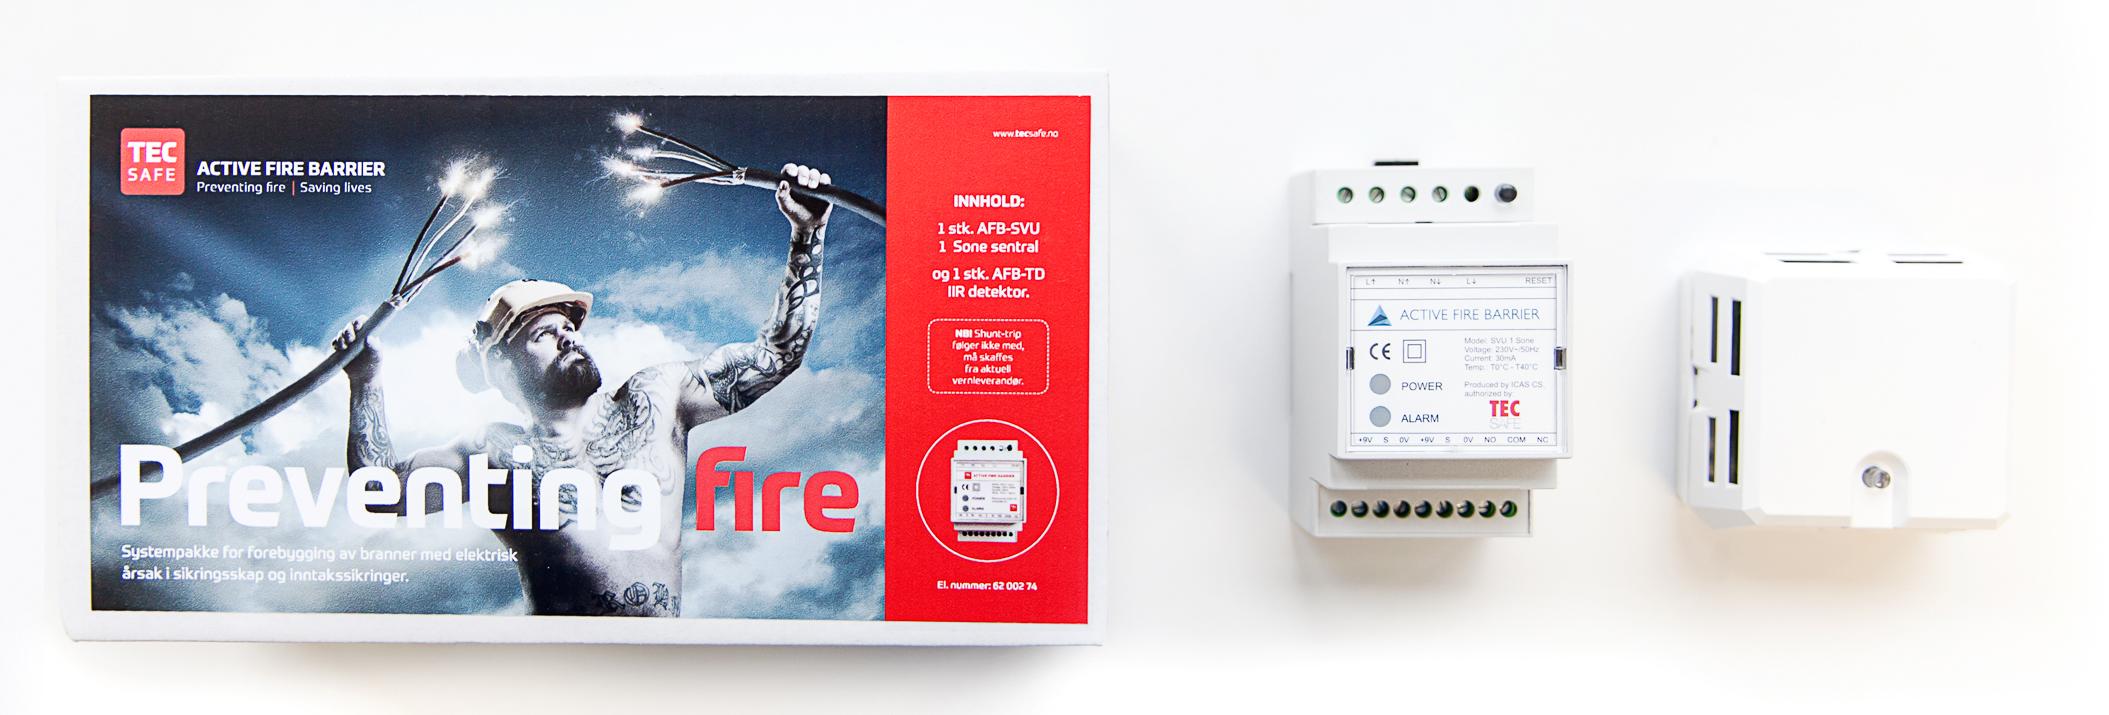 Active Fire Barrier fra Fixel forhindrer brann i sikringsskapet